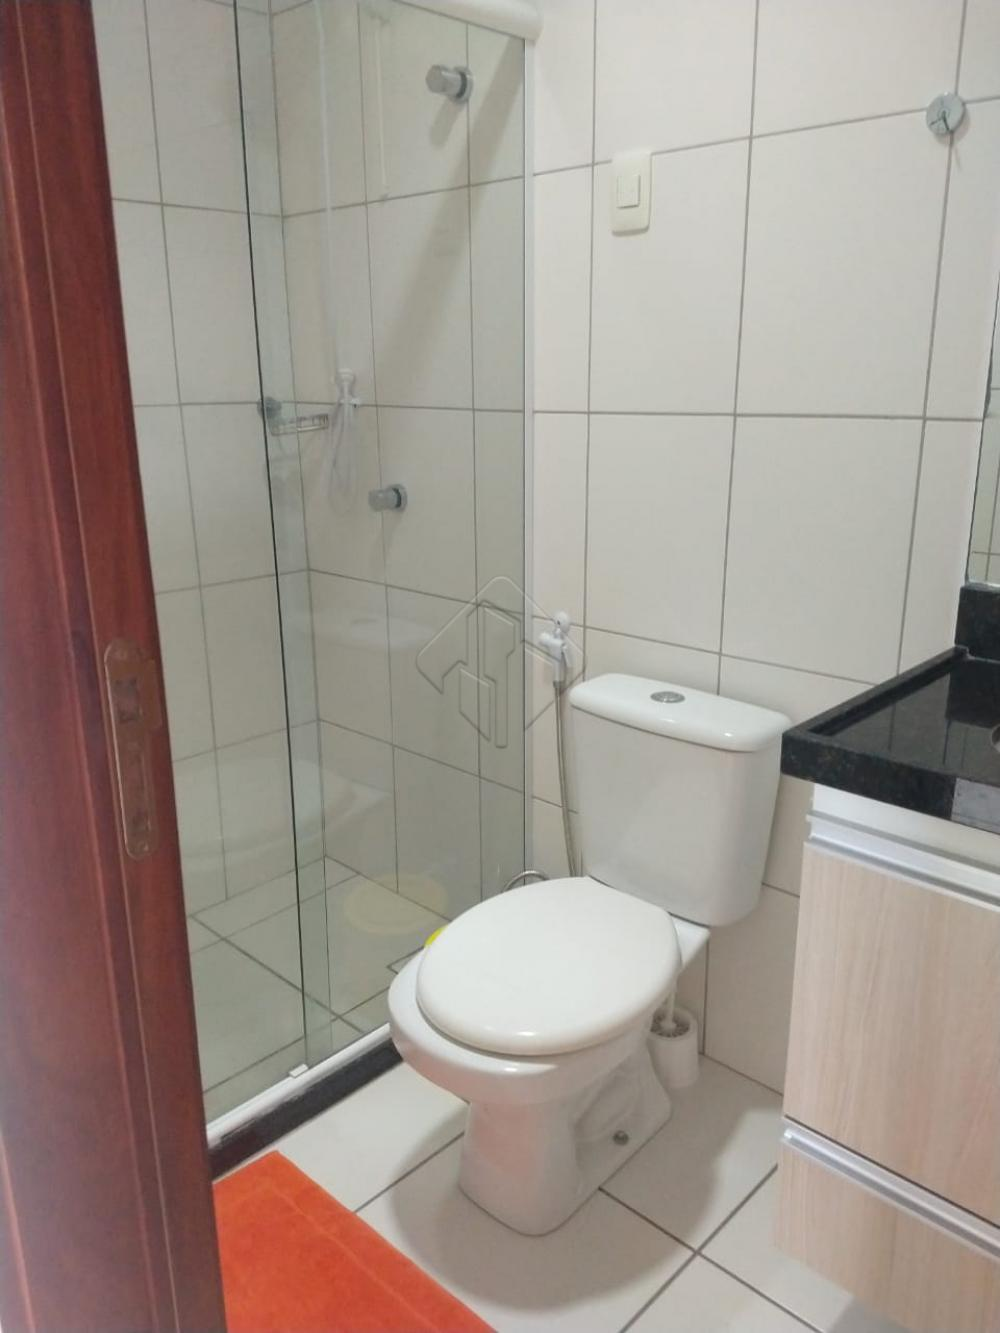 Comprar Apartamento / Padrão em João Pessoa apenas R$ 300.000,00 - Foto 7